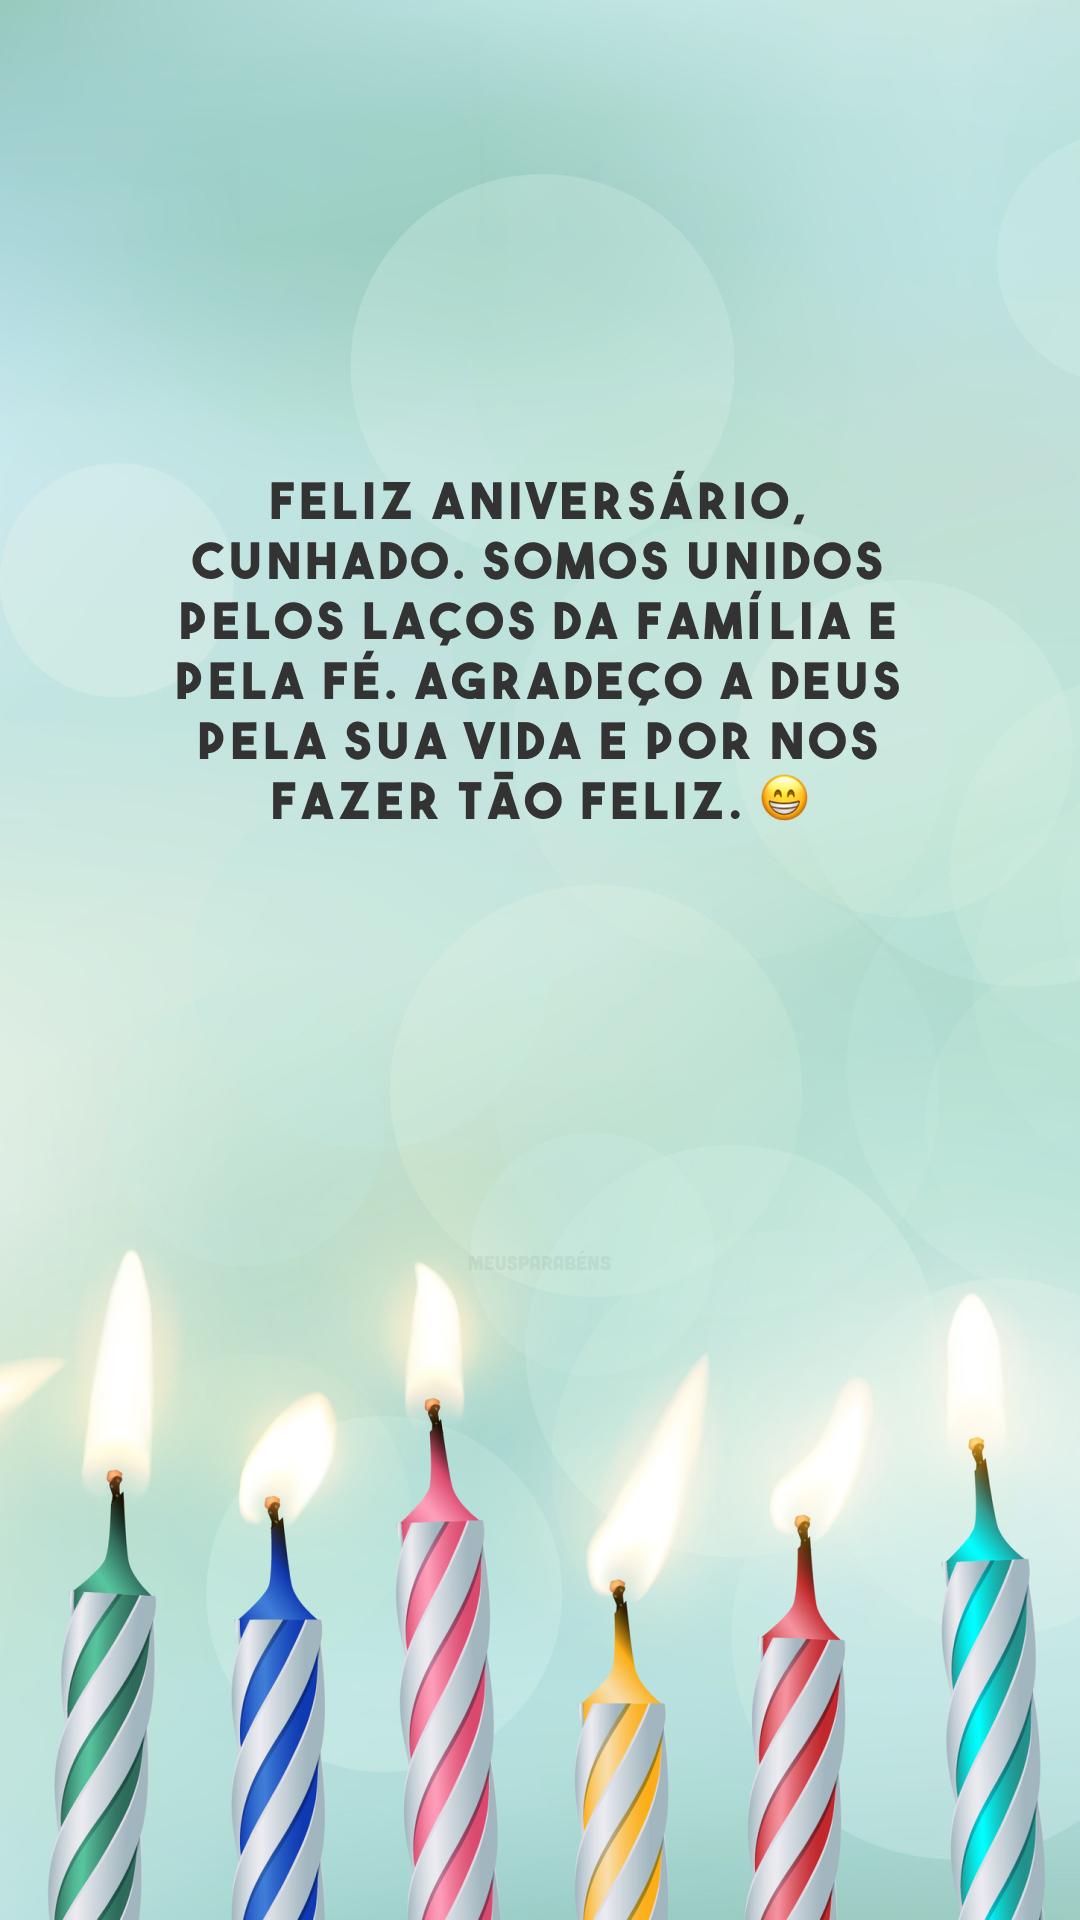 Feliz aniversário, cunhado. Somos unidos pelos laços da família e pela fé. Agradeço a Deus pela sua vida e por nos fazer tão feliz. 😁